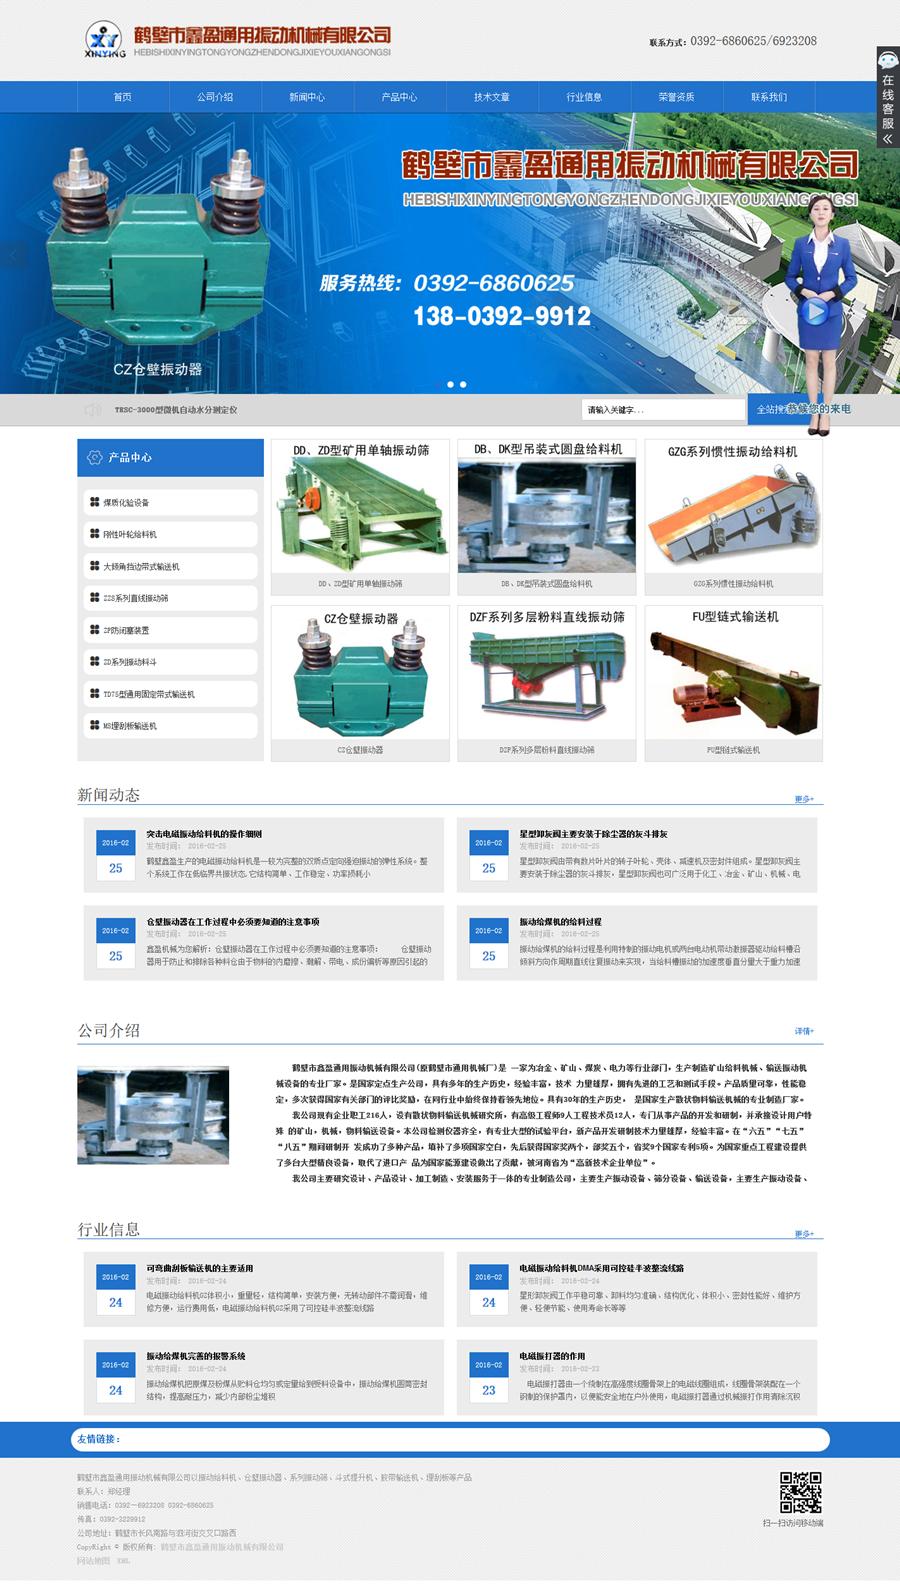 鶴壁市鑫盈通用振動機械有限公司.jpg